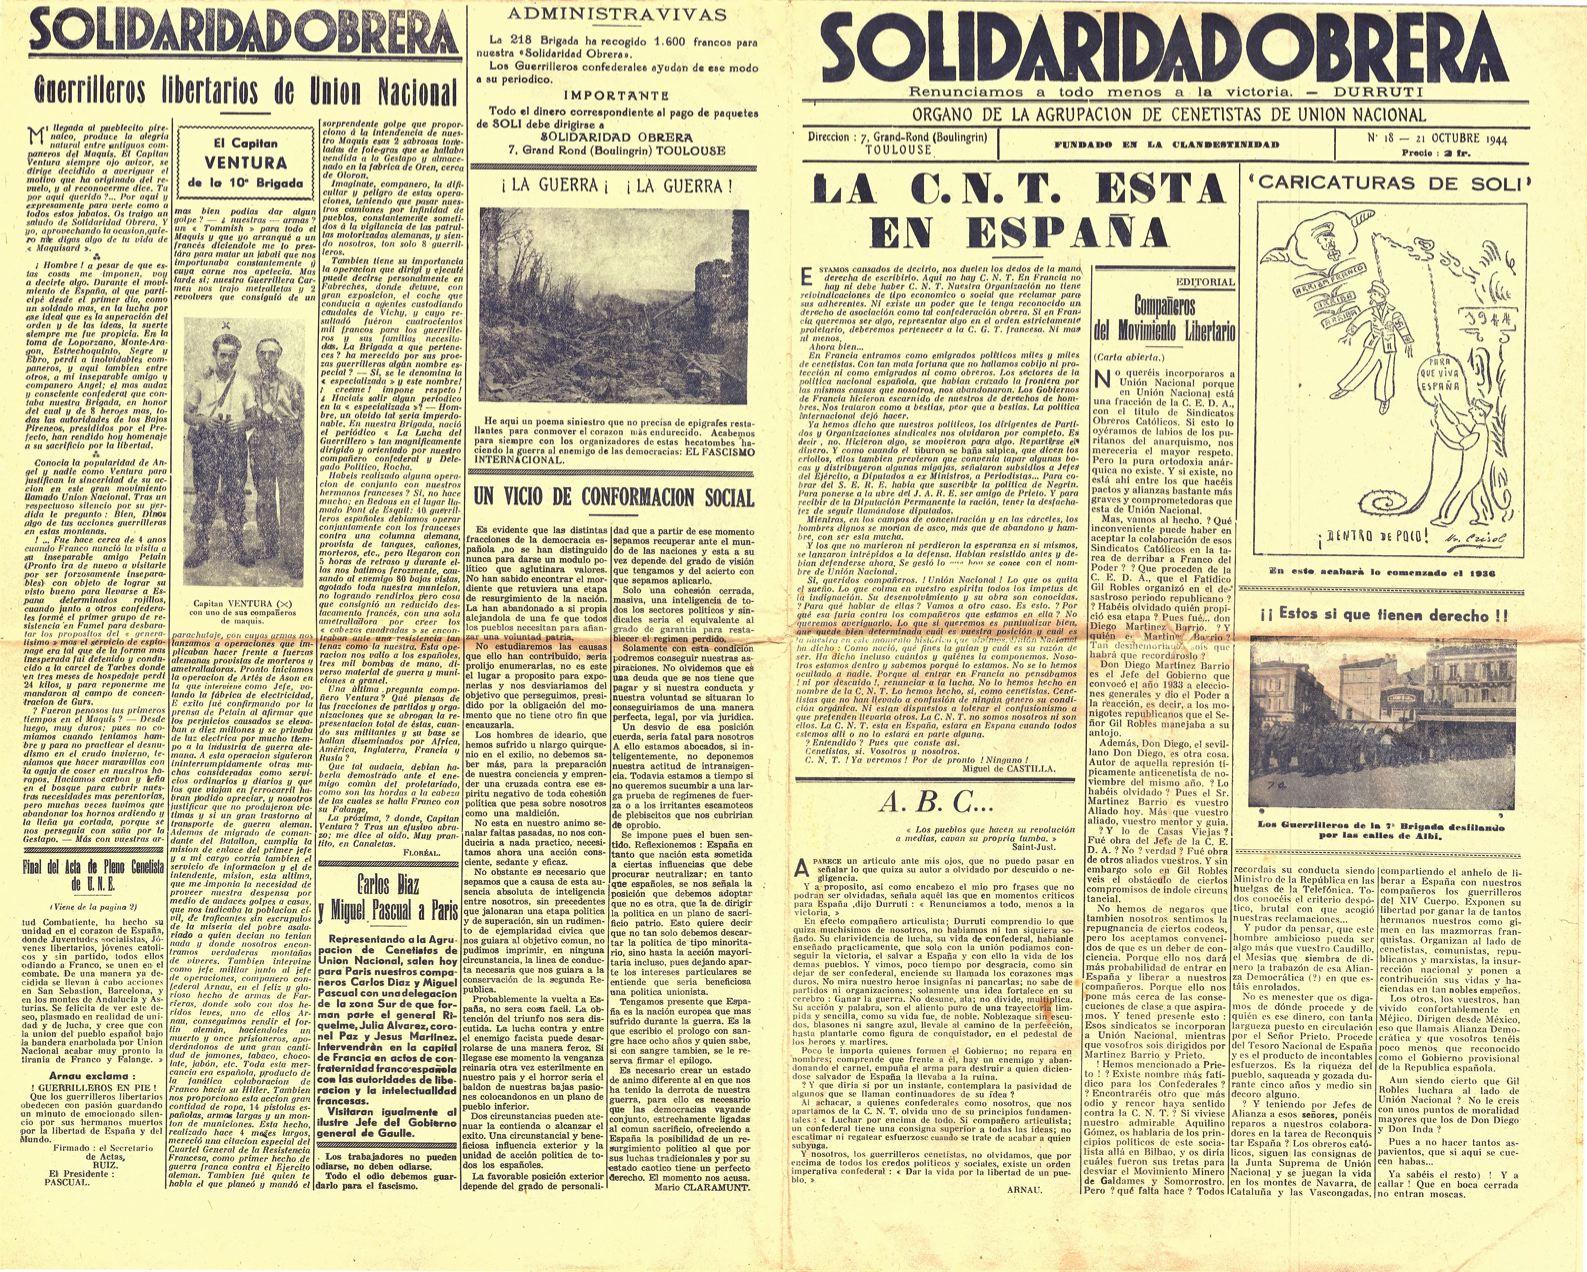 Solidaridad Obrera, órgano de la Agrupación de cenetistasen unión nacional. (Octubre 1944)